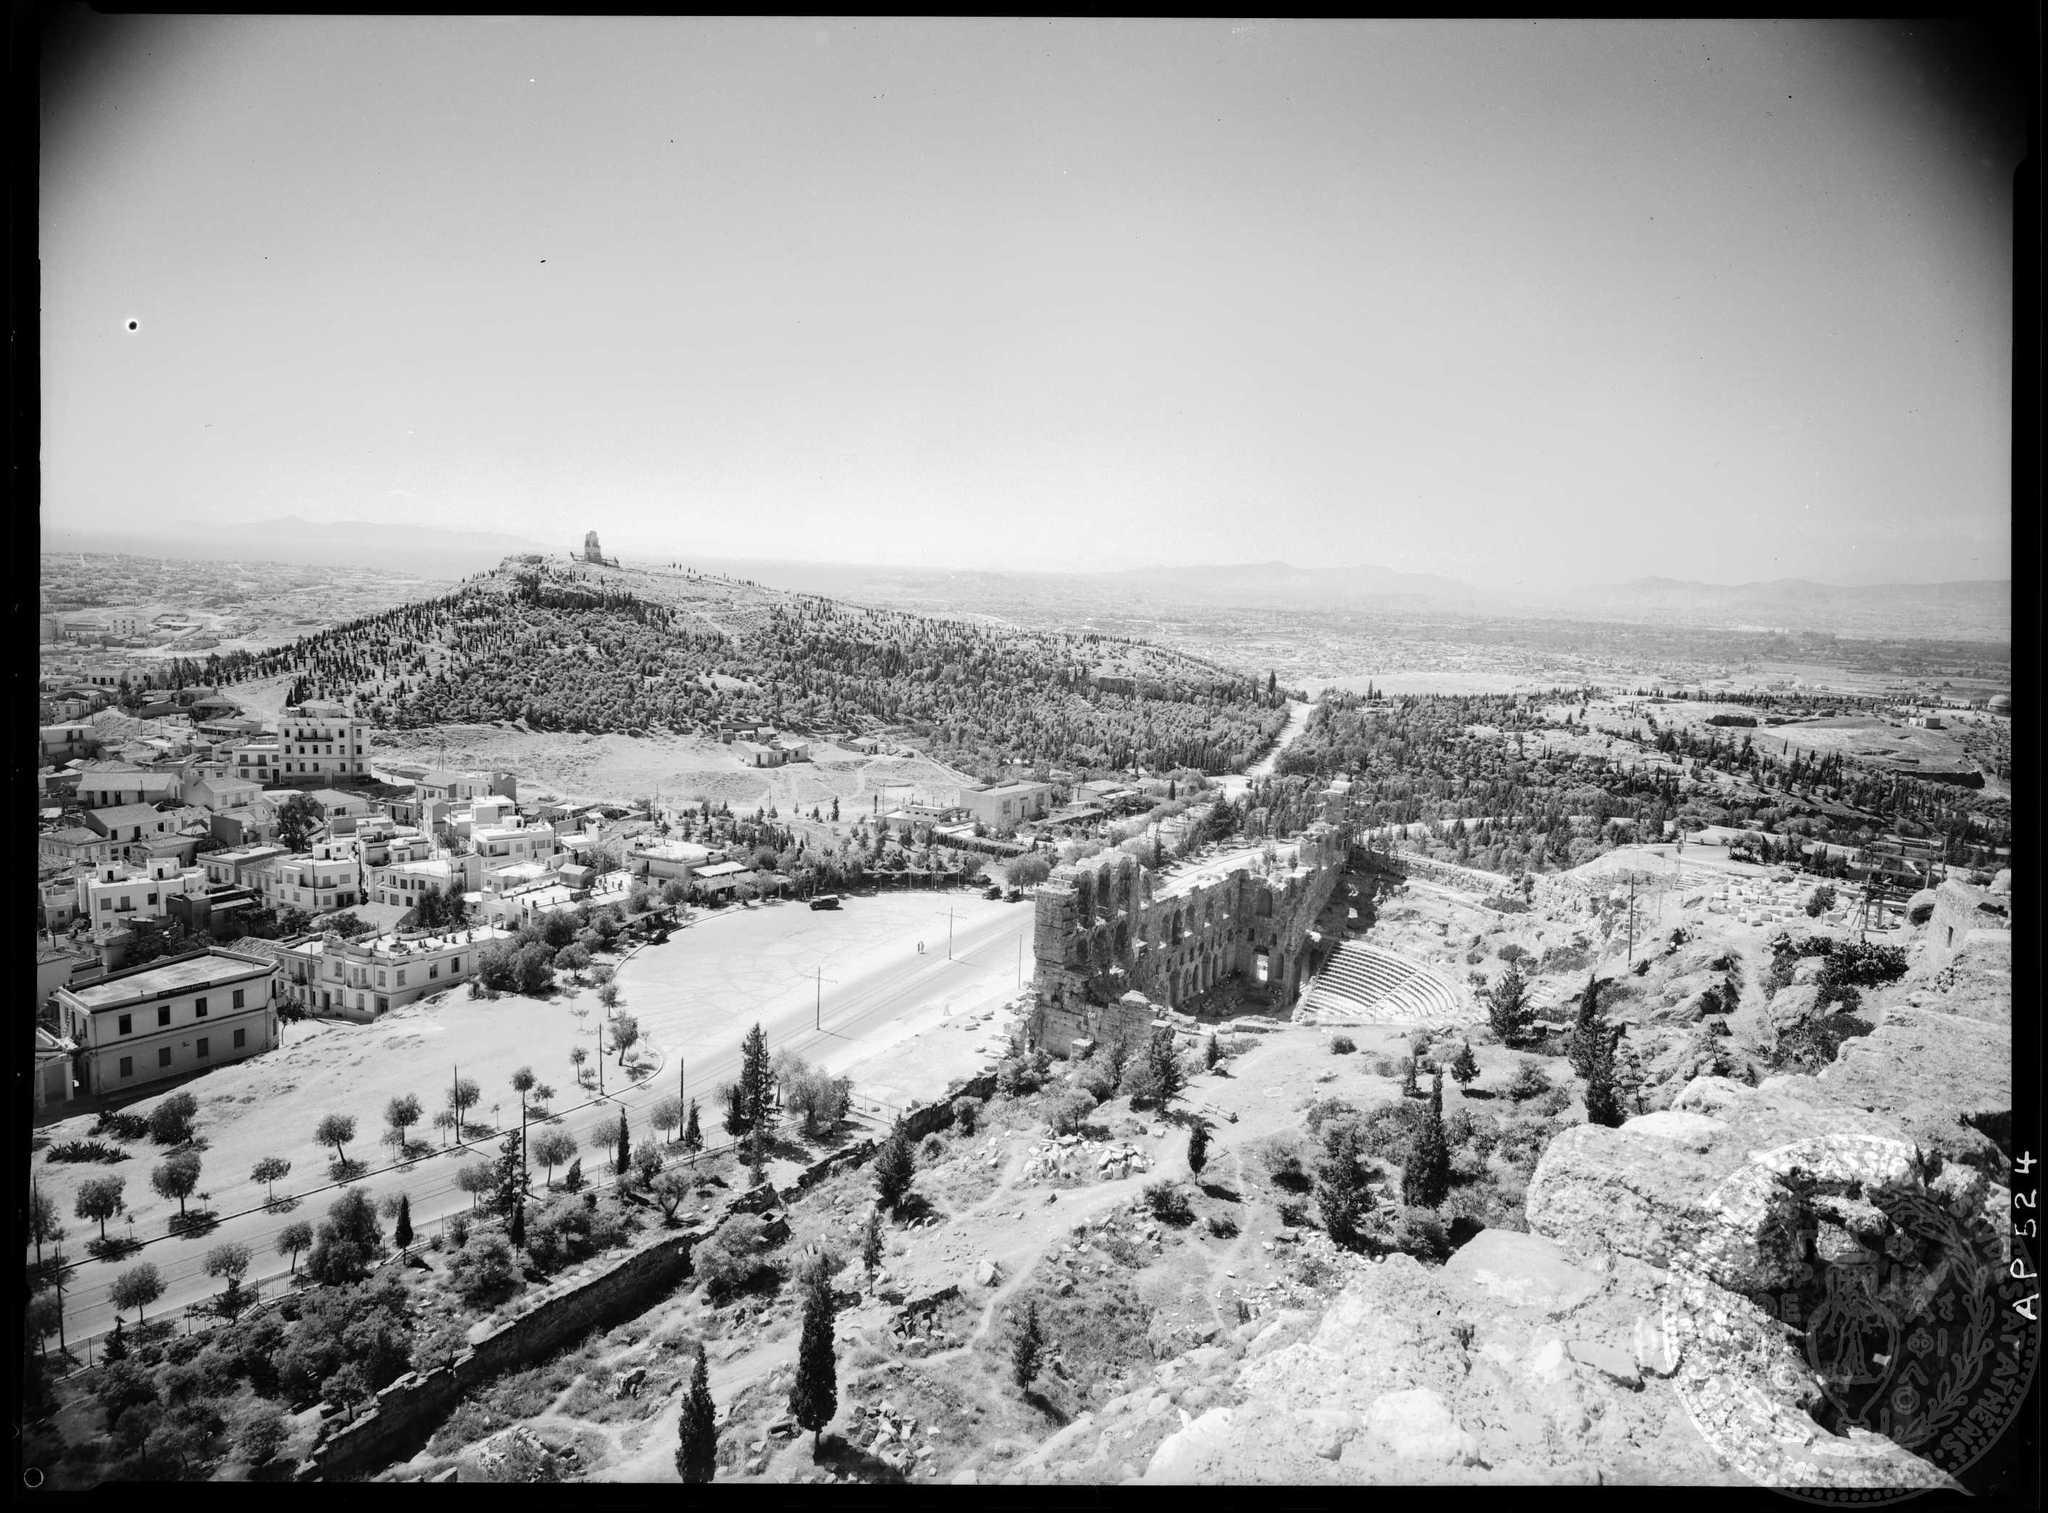 Η δενδροφύτευση στον λόφο των Μουσών (Φιλοπάππου) έχει ήδη καλύψει ένα μεγάλο τμήμα του λόφου· αριστερά, πίσω από τα σπίτια, το οικοδομικό τρίγωνο παραμένει ακόμα άκτιστο (Αμερικανική Σχολή Κλασικών Σπουδών στην Αθήνα, Αρχαιολογικό Φωτογραφικό Αρχείο, AP 0524).